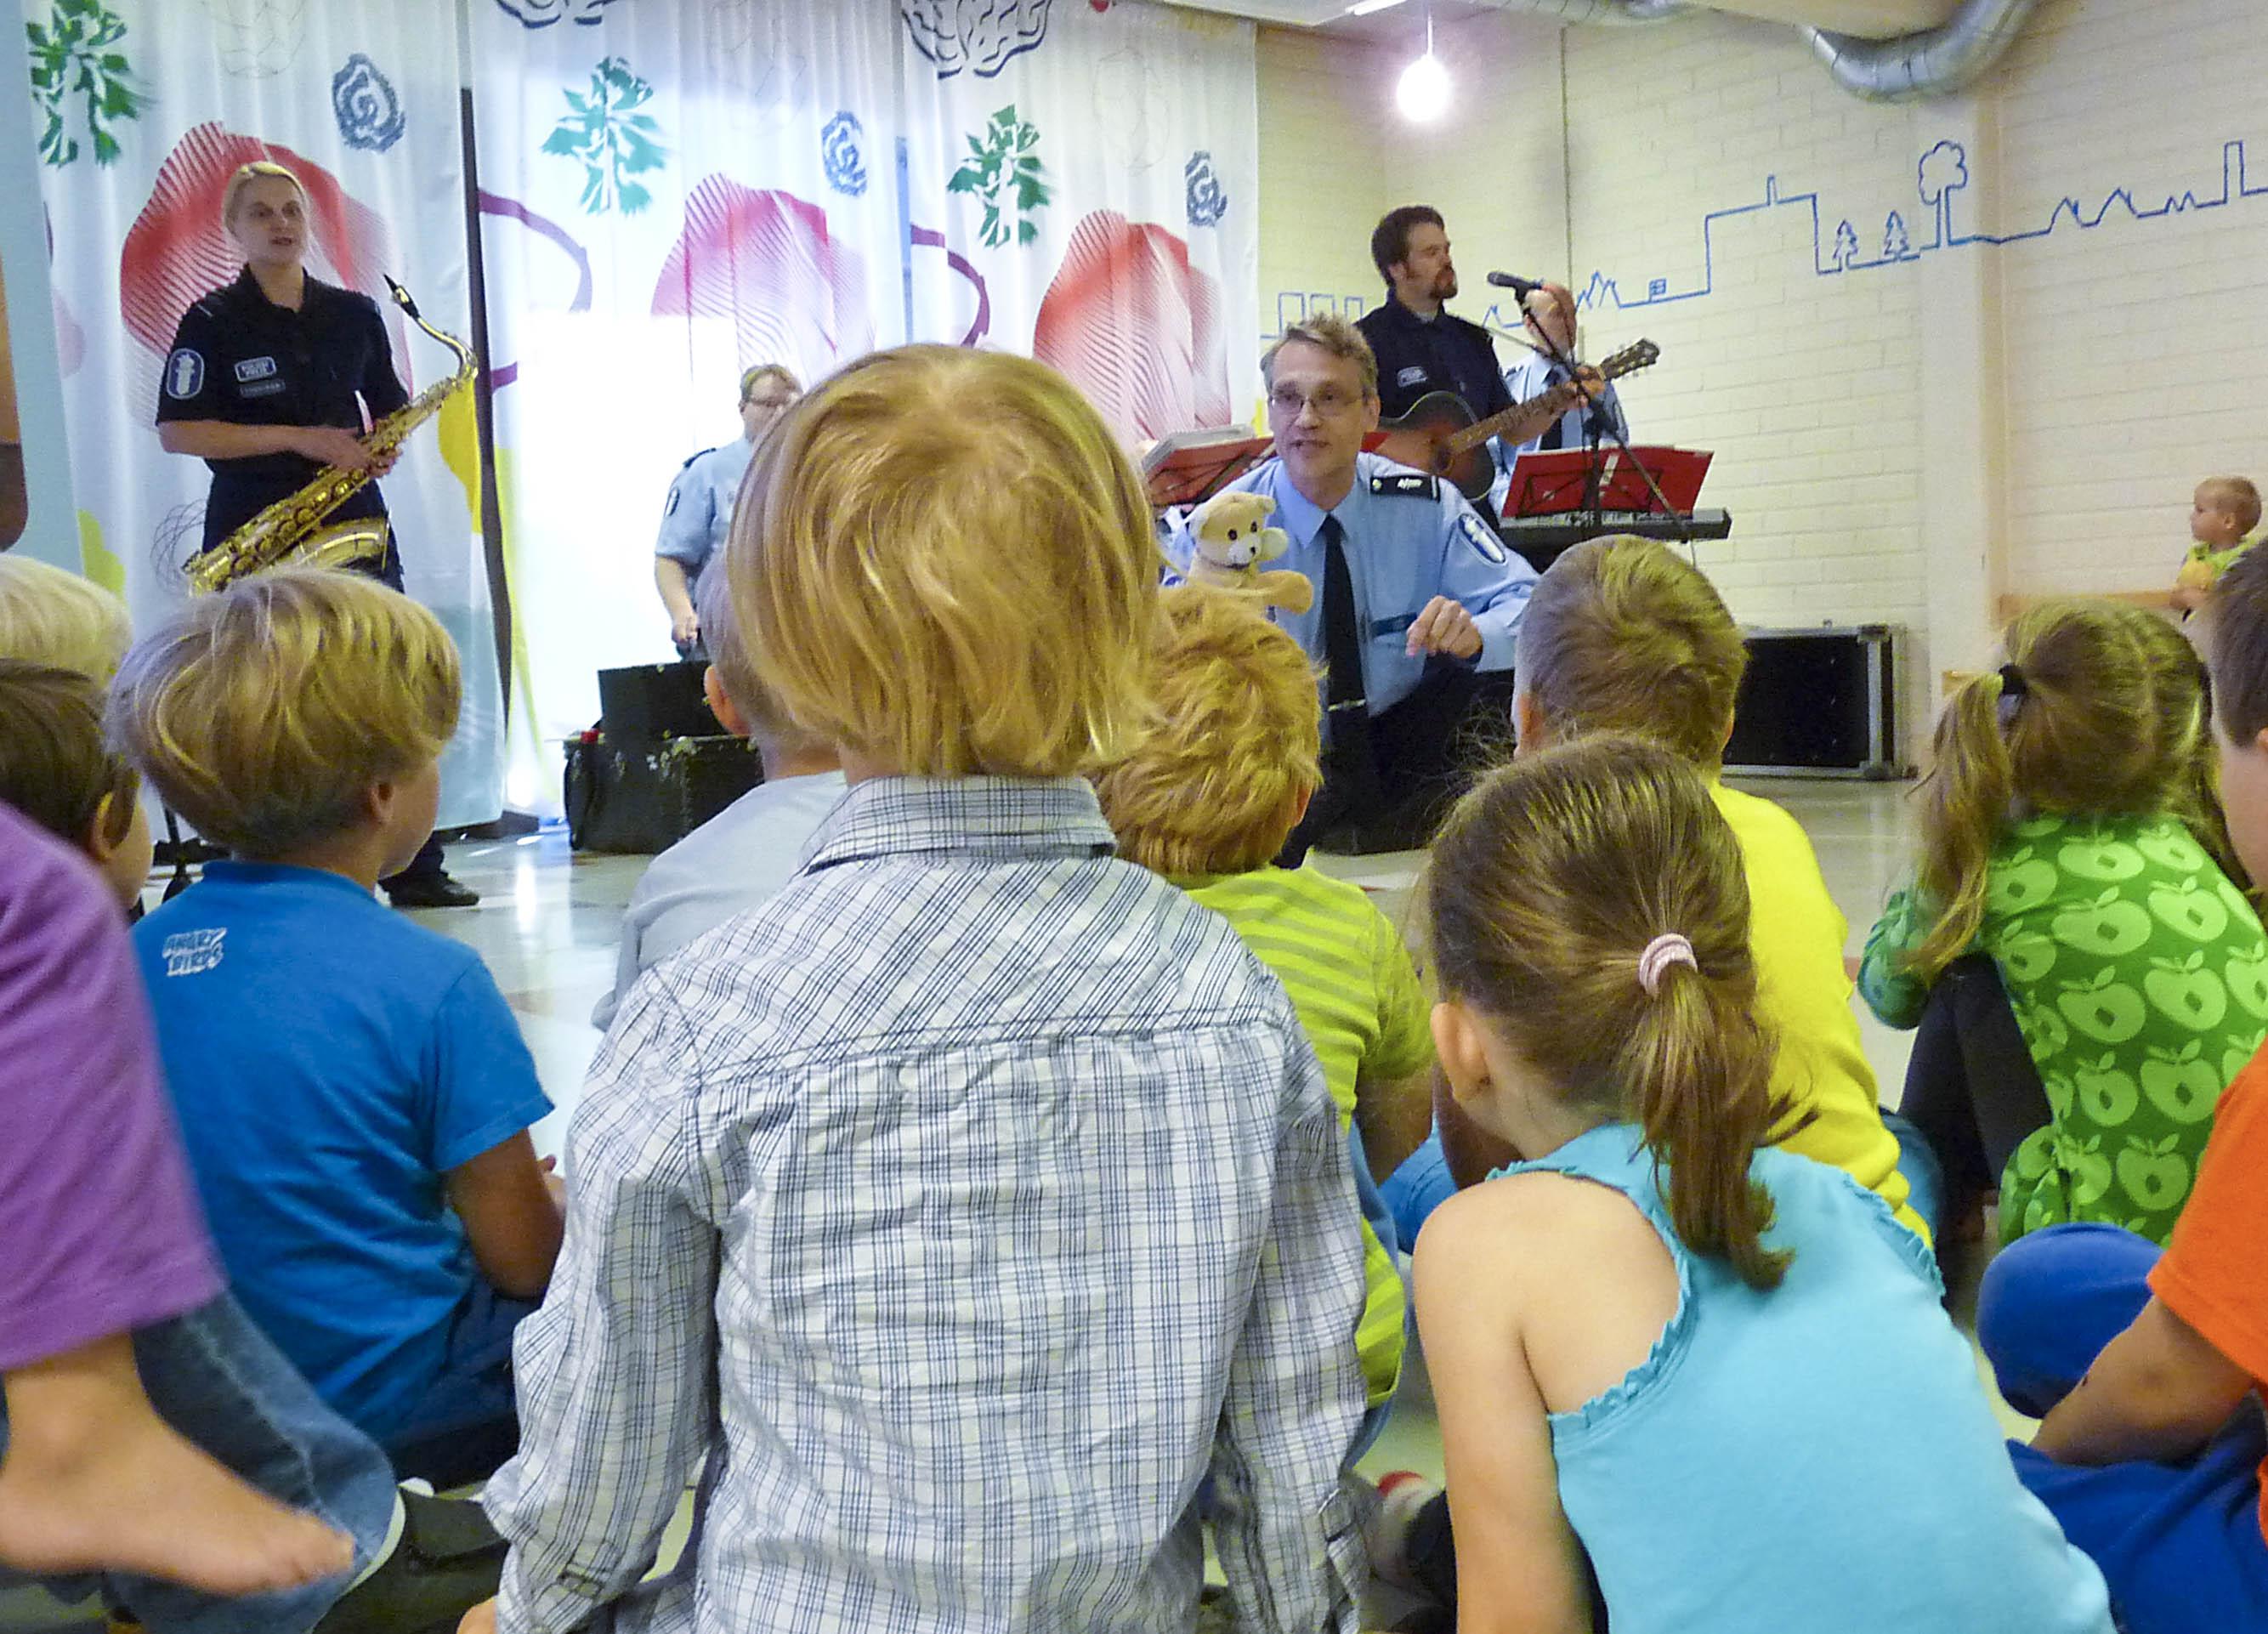 Lasse kertoo asiaa liikenteestä ja lapset kuuntelevat_2